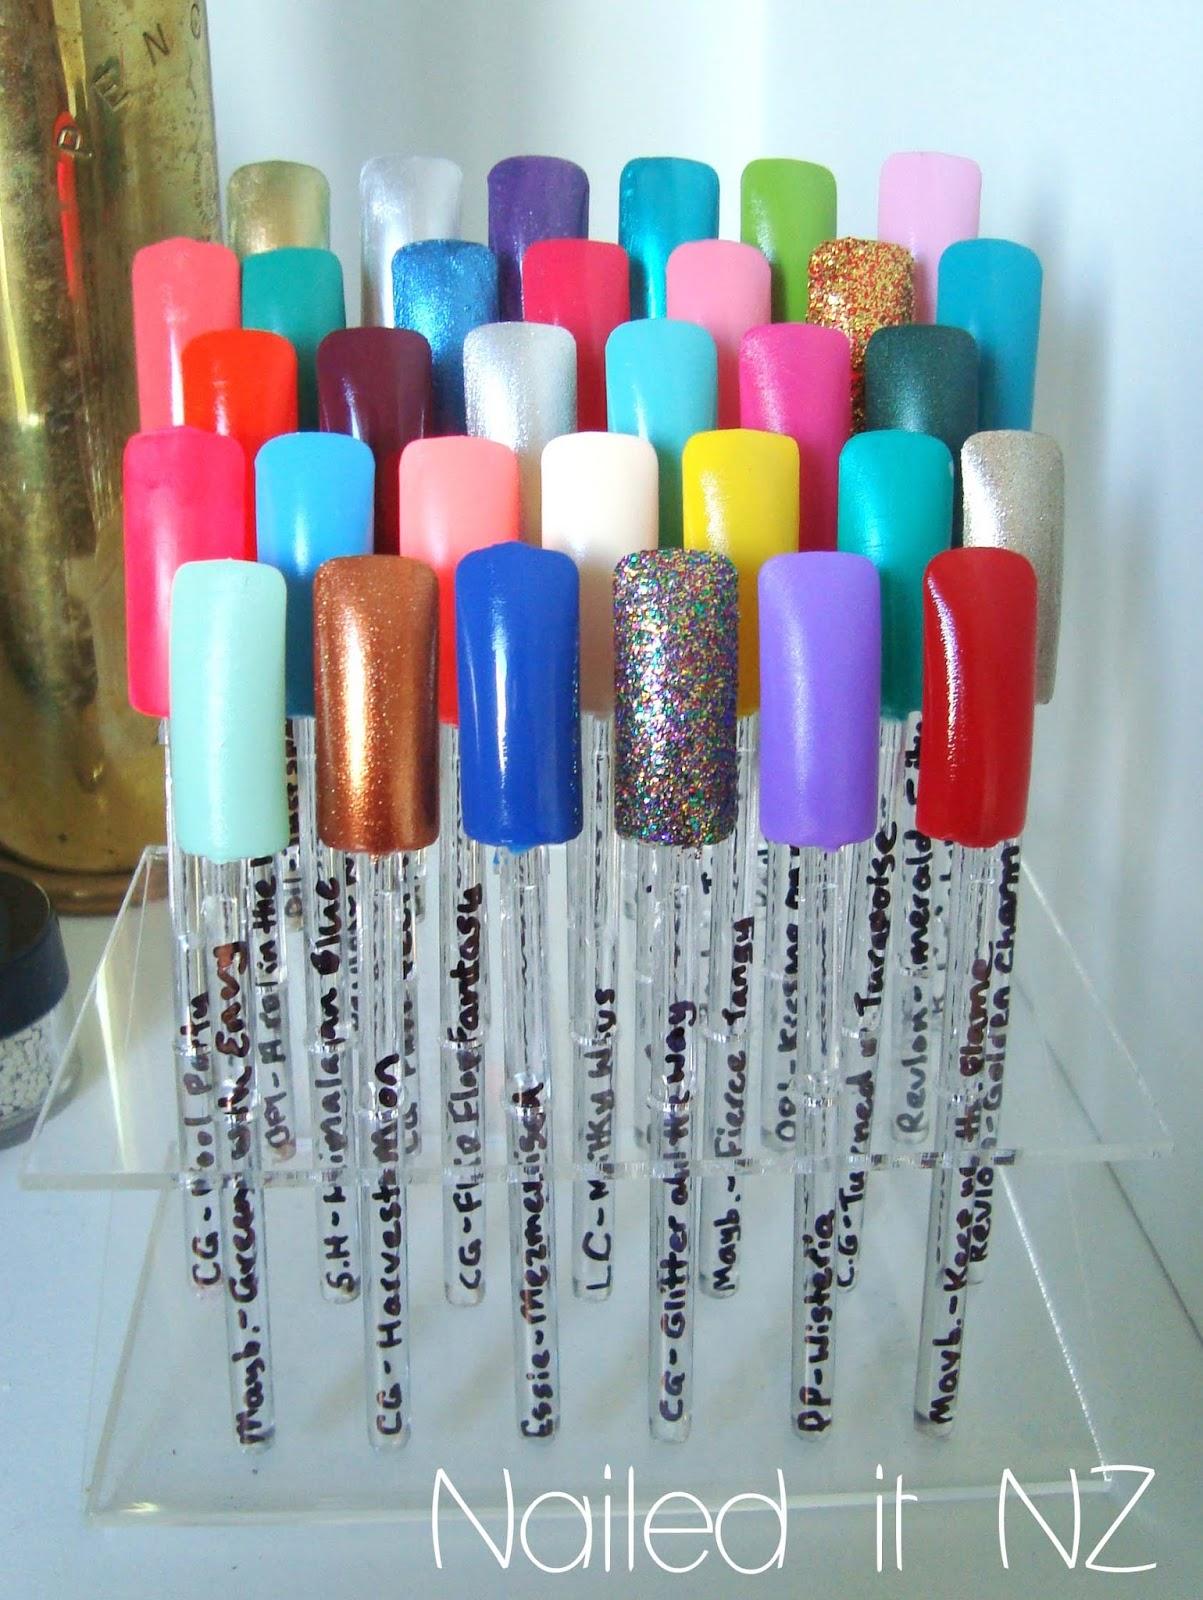 My top 32 nail polishes!